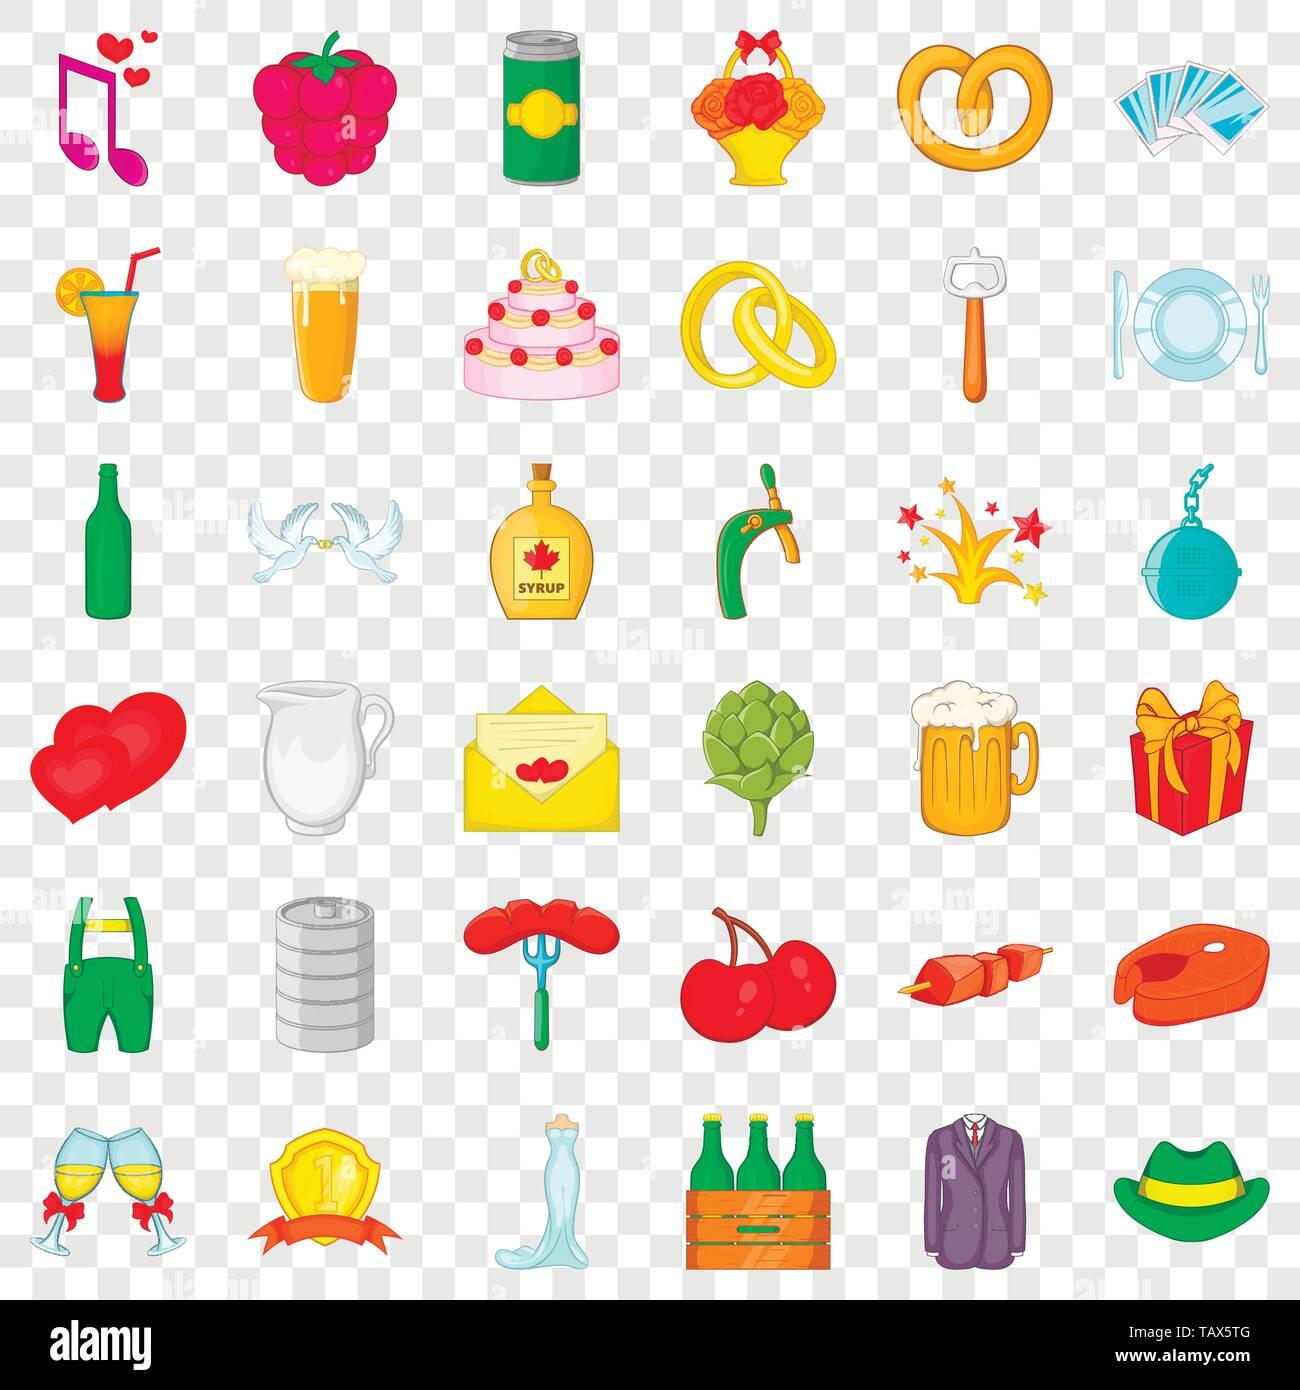 Wine icons set, cartoon style - Stock Image